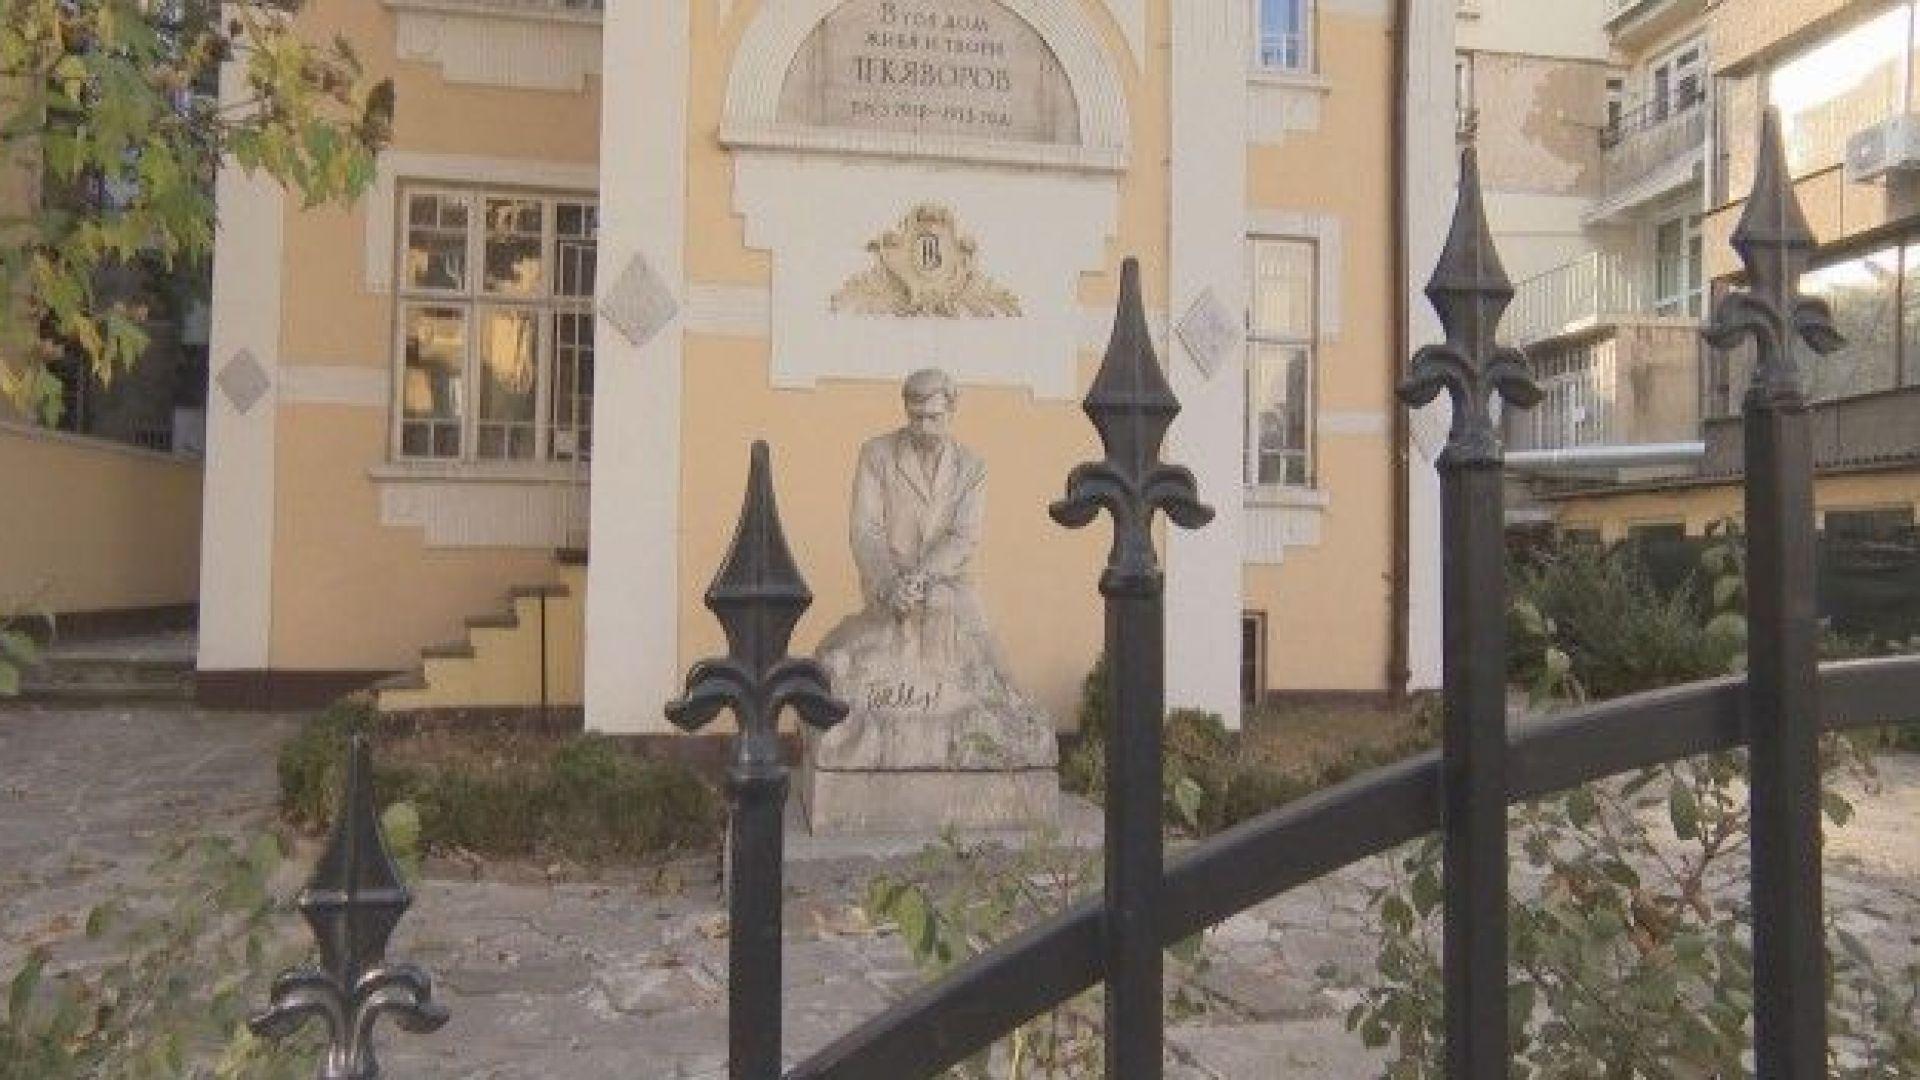 Столична община купува къщата на Яворов с пари от държавата